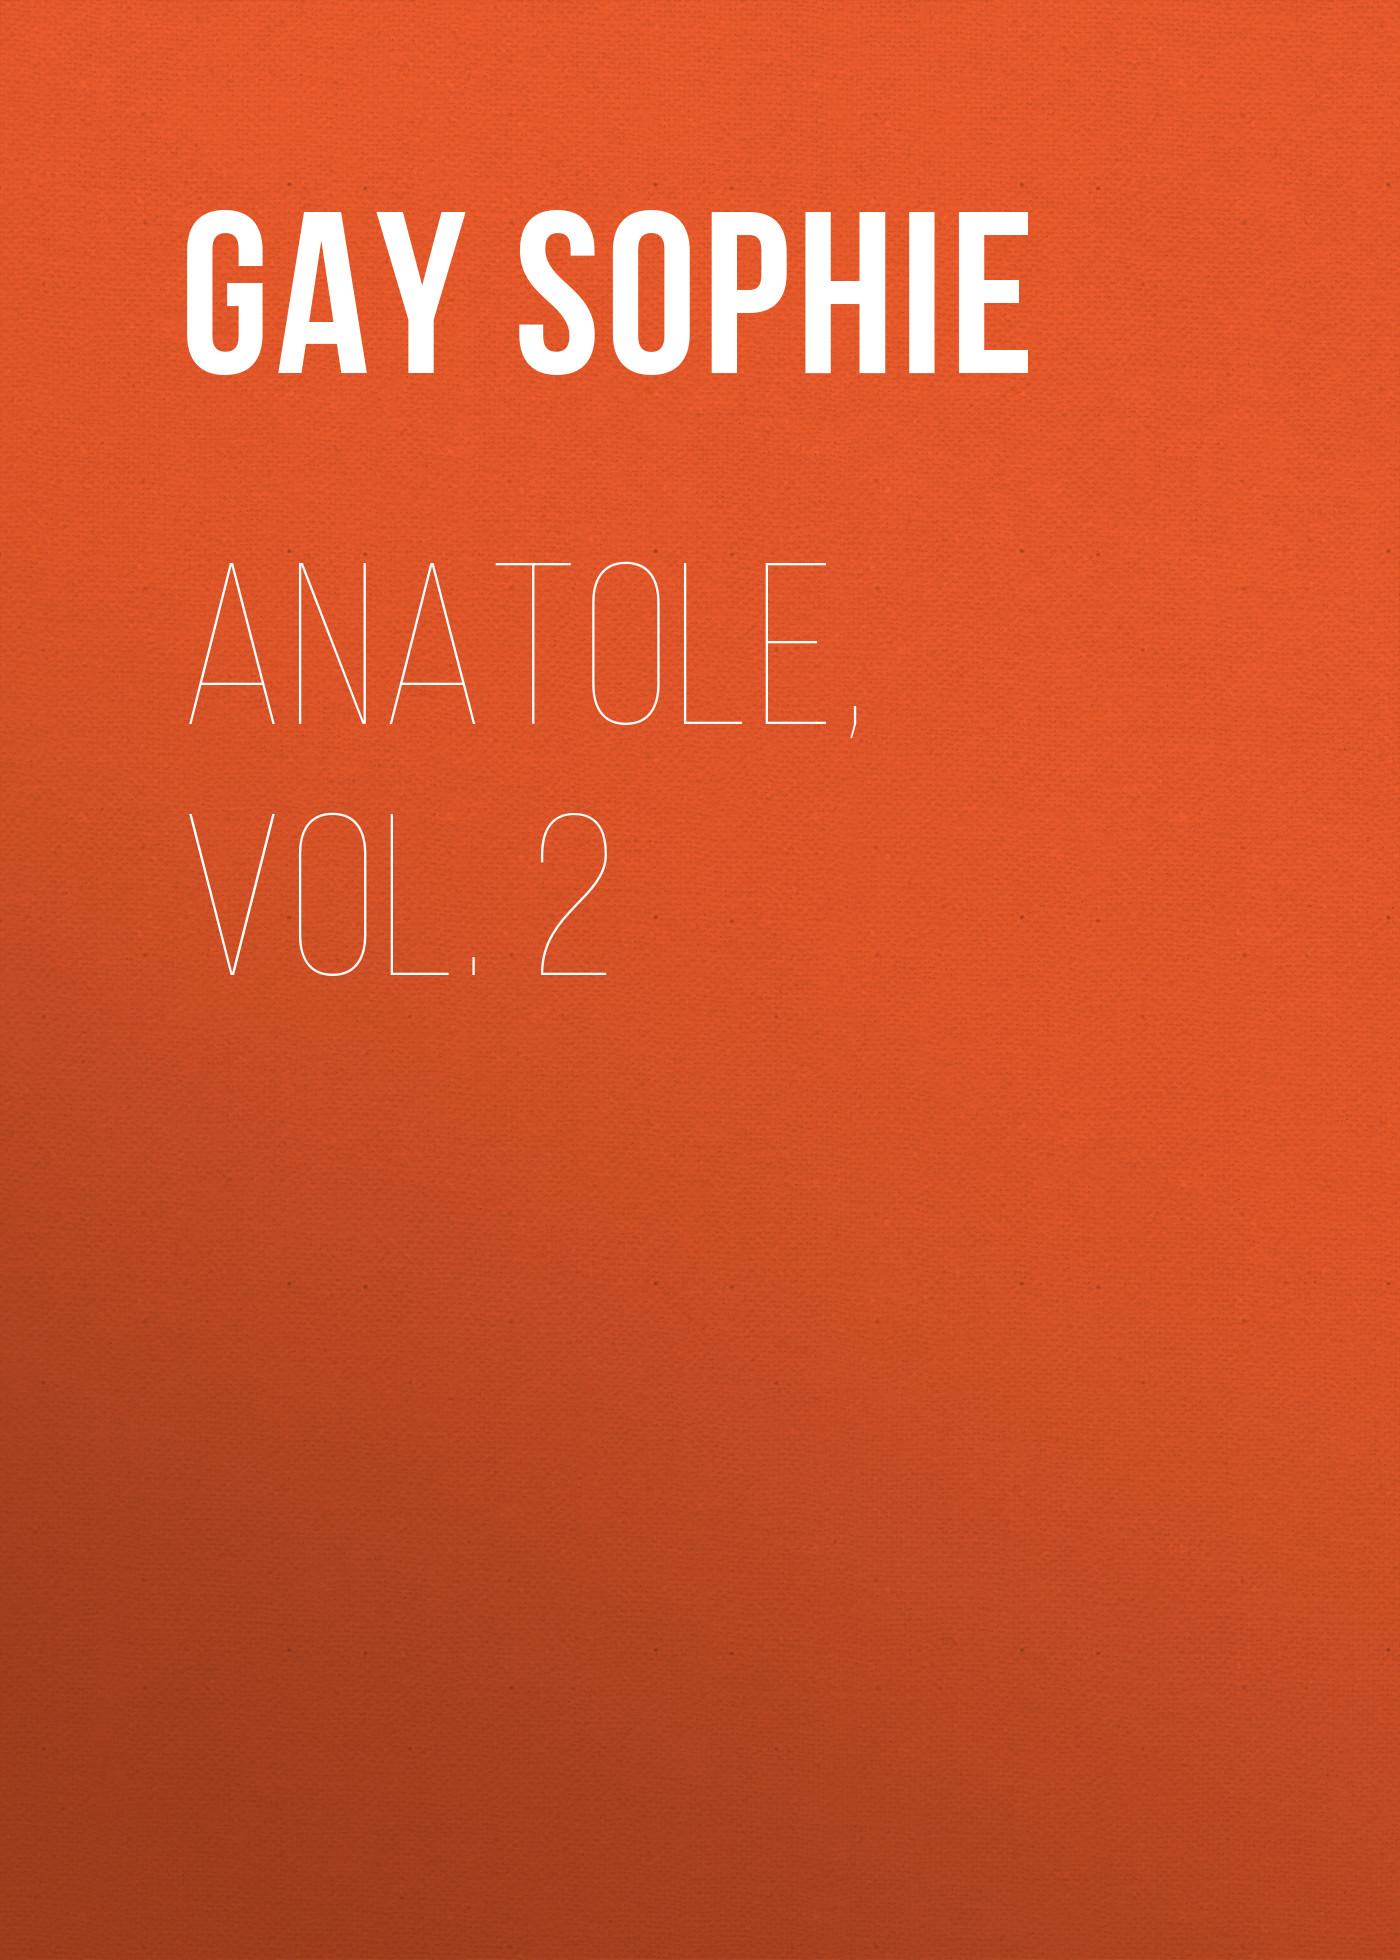 Gay Sophie Anatole, Vol. 2 gay happening vol 18